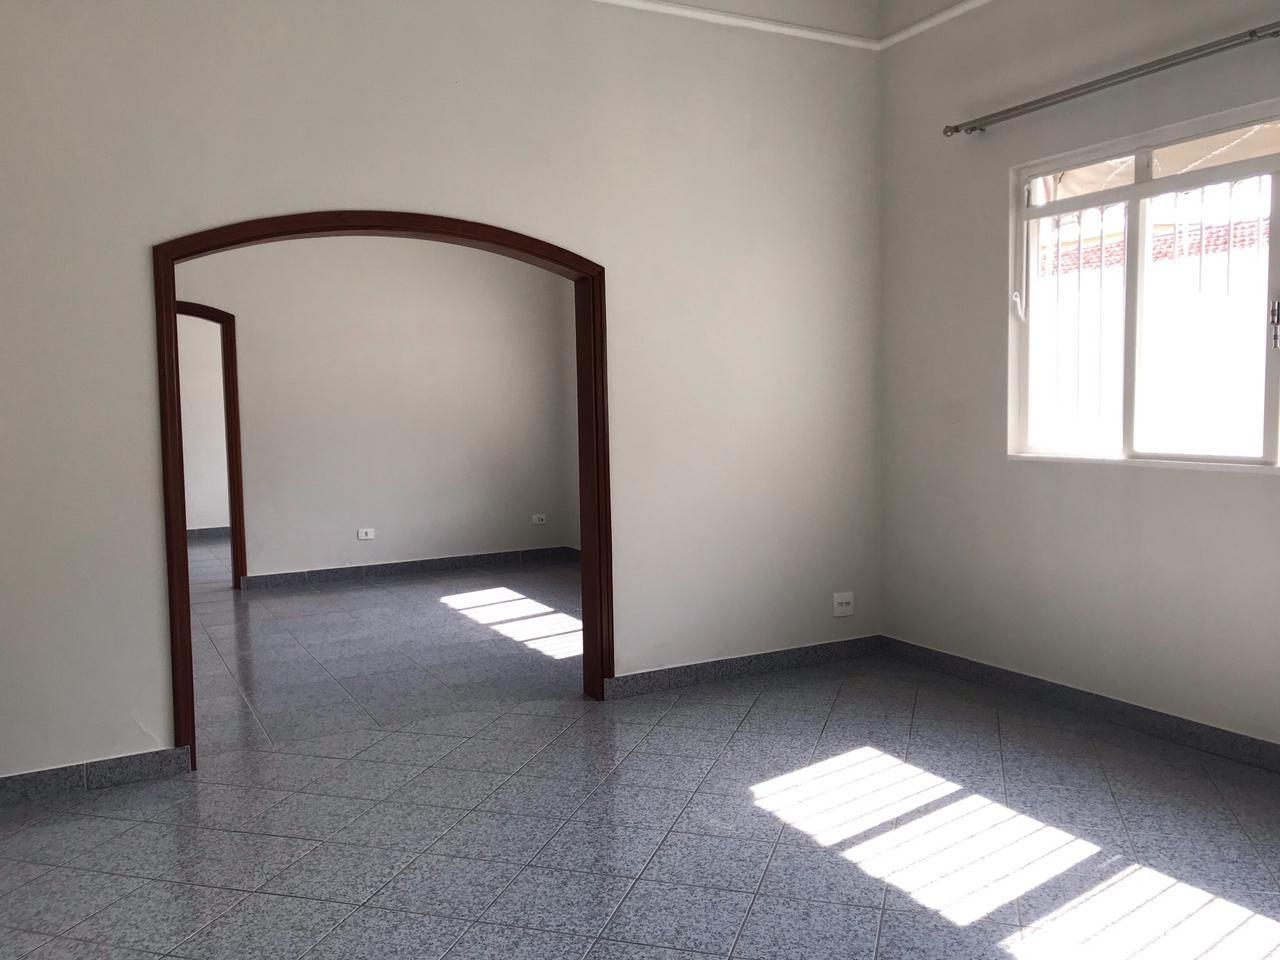 Casa para comprar, 3 quartos, 1 suíte, no bairro Cidade Alta em Piracicaba - SP